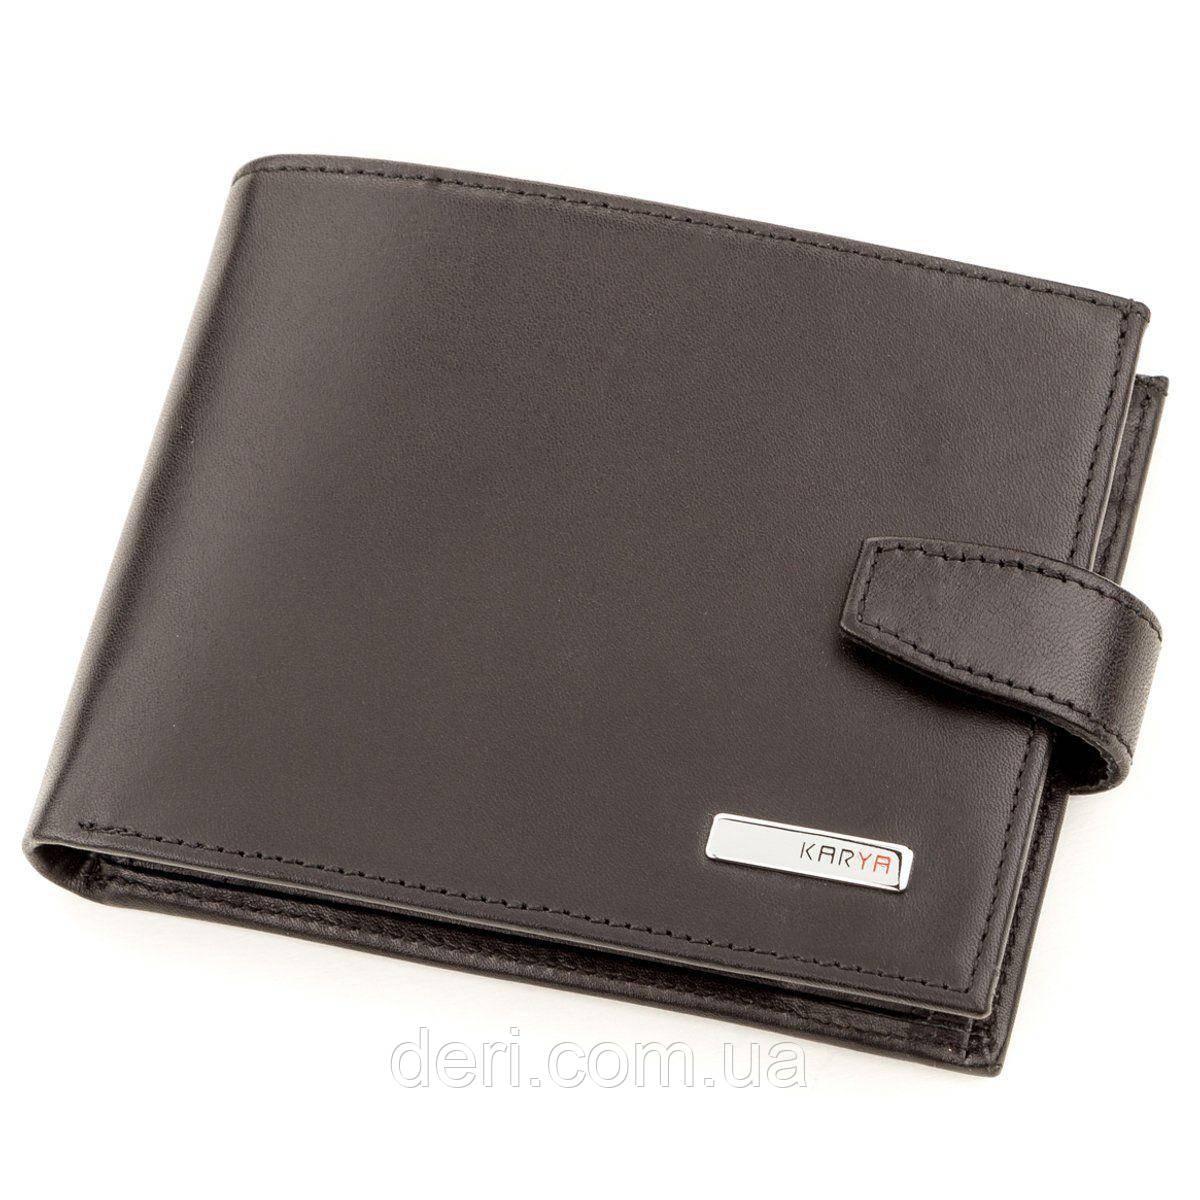 Бумажник мужской кожаный черный KARYA